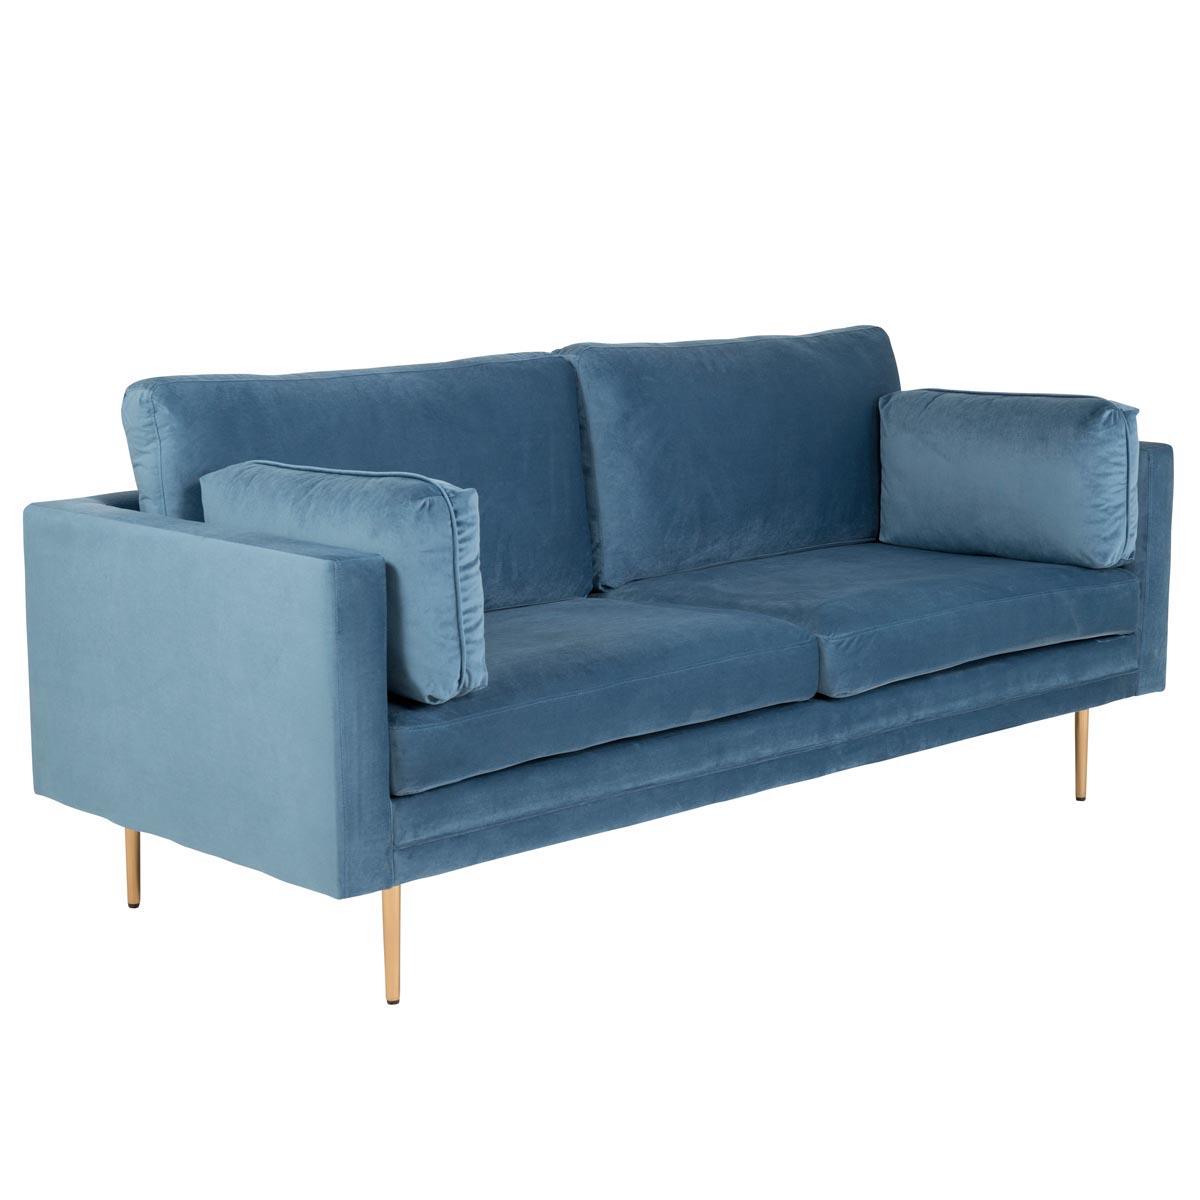 Boom-3-sits-soffa-bla-sammet-vinkel-18045-987